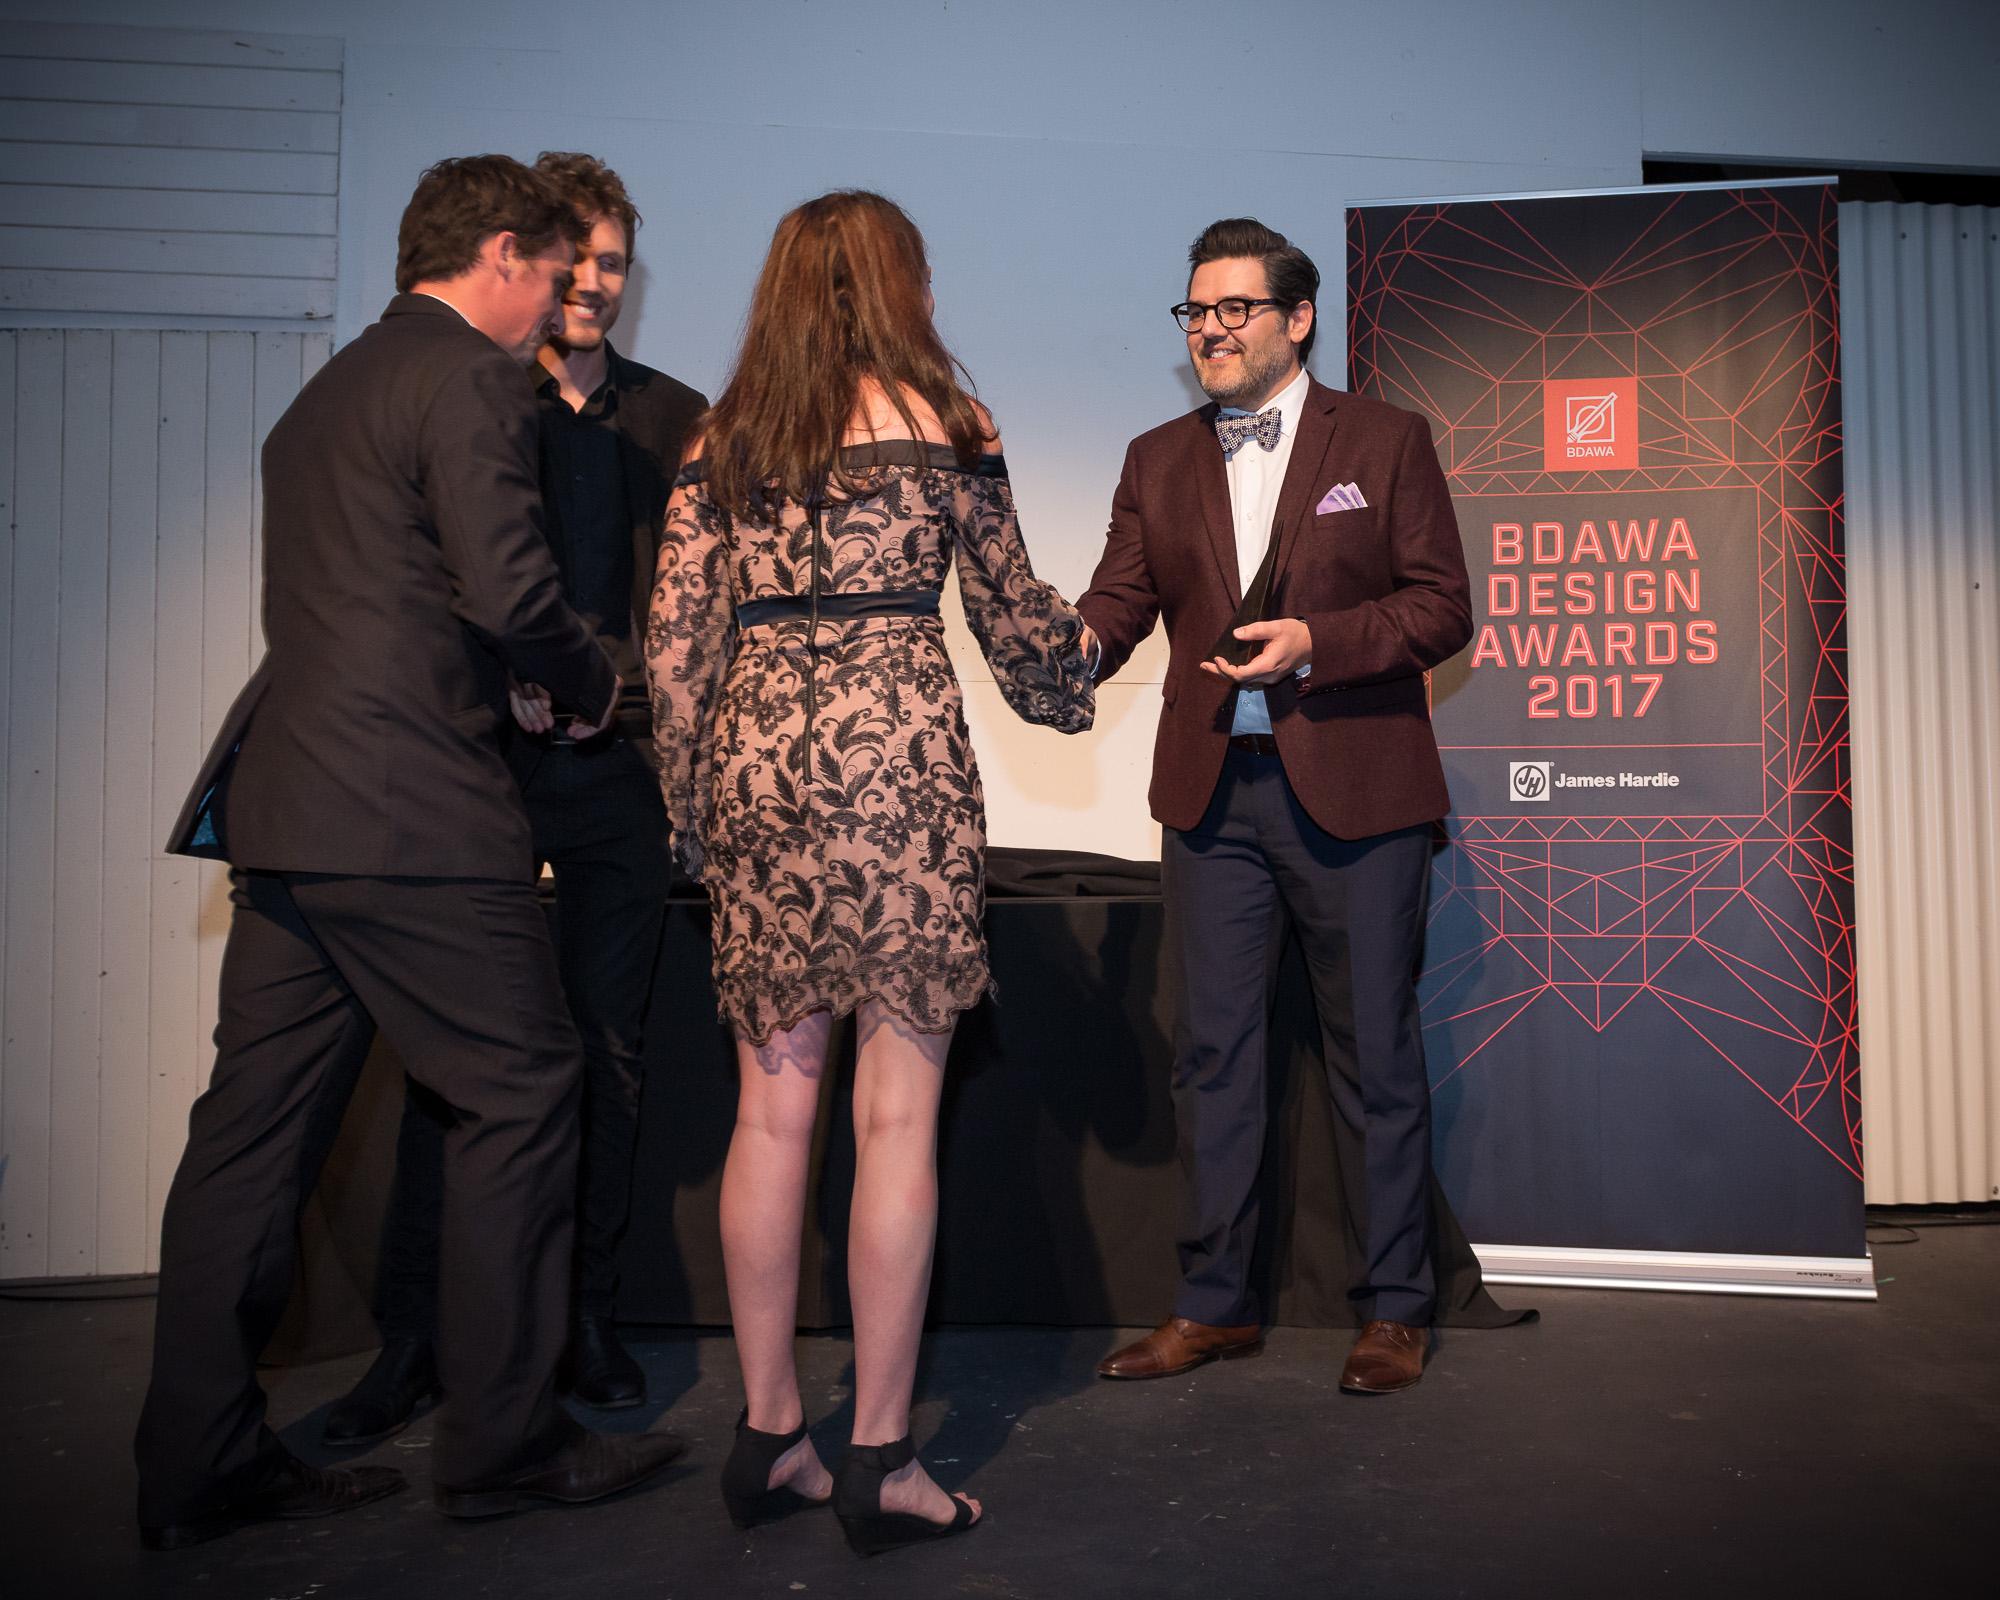 0202 BDA WA Awards 2017 _JHG7514.jpg